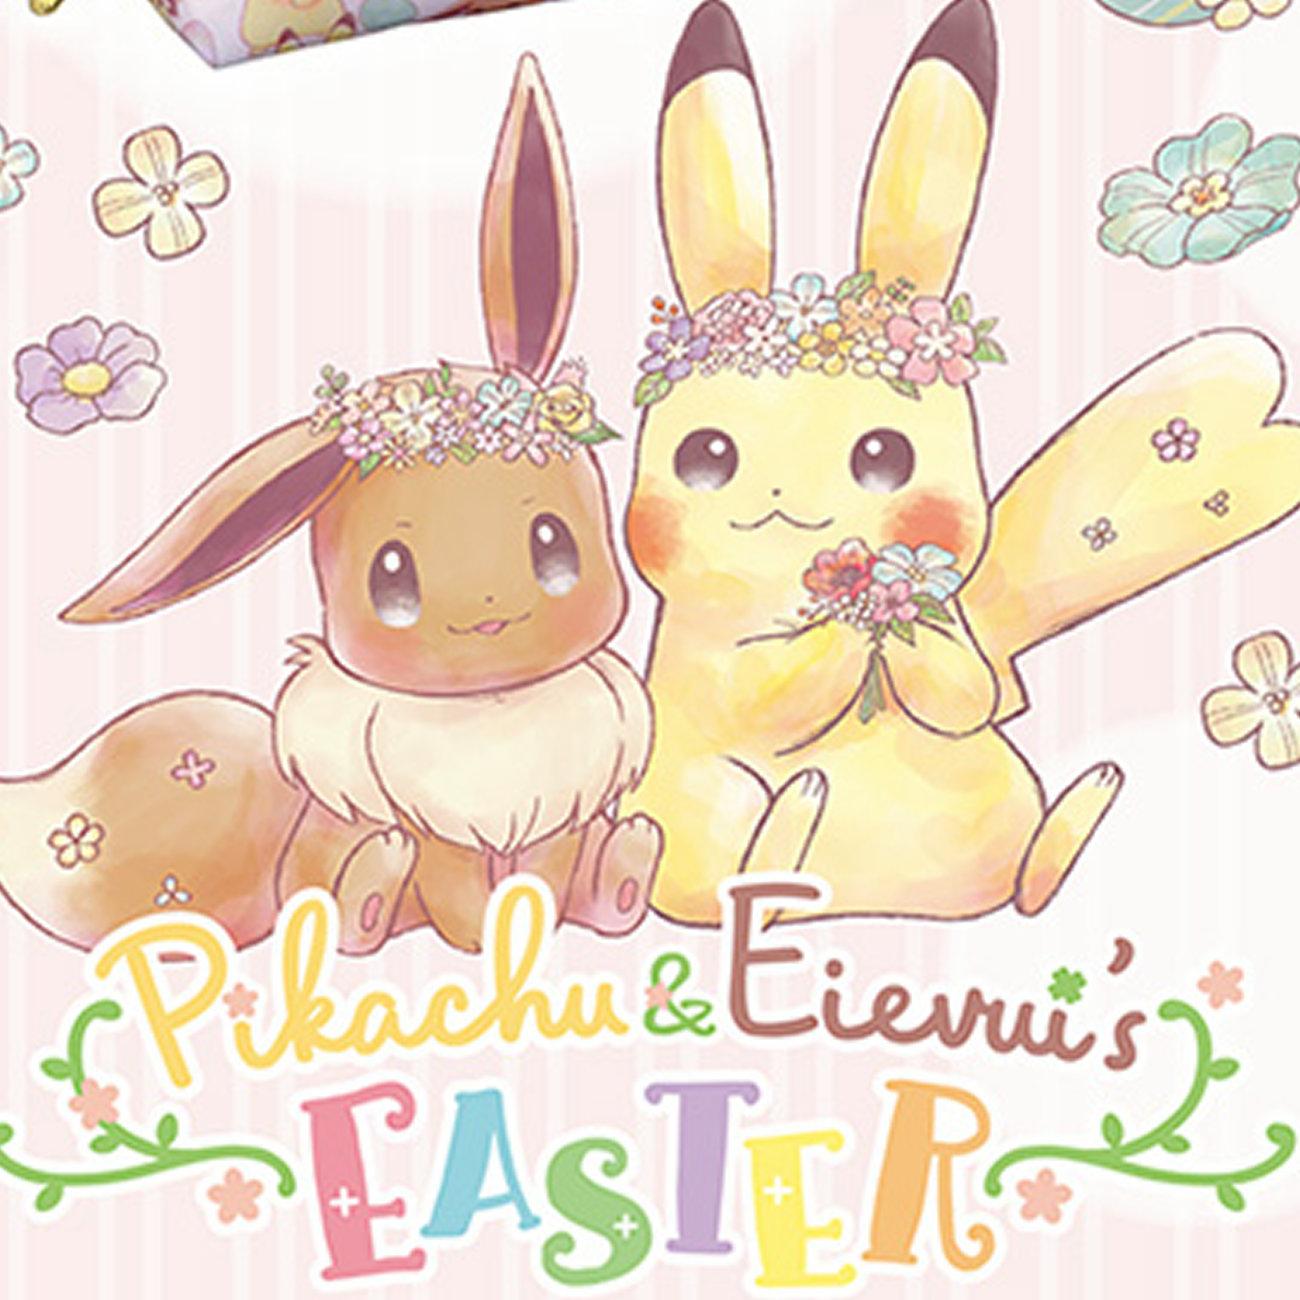 ピカチュウとイーブイ花冠、ポケモンの2018年イースターグッズ